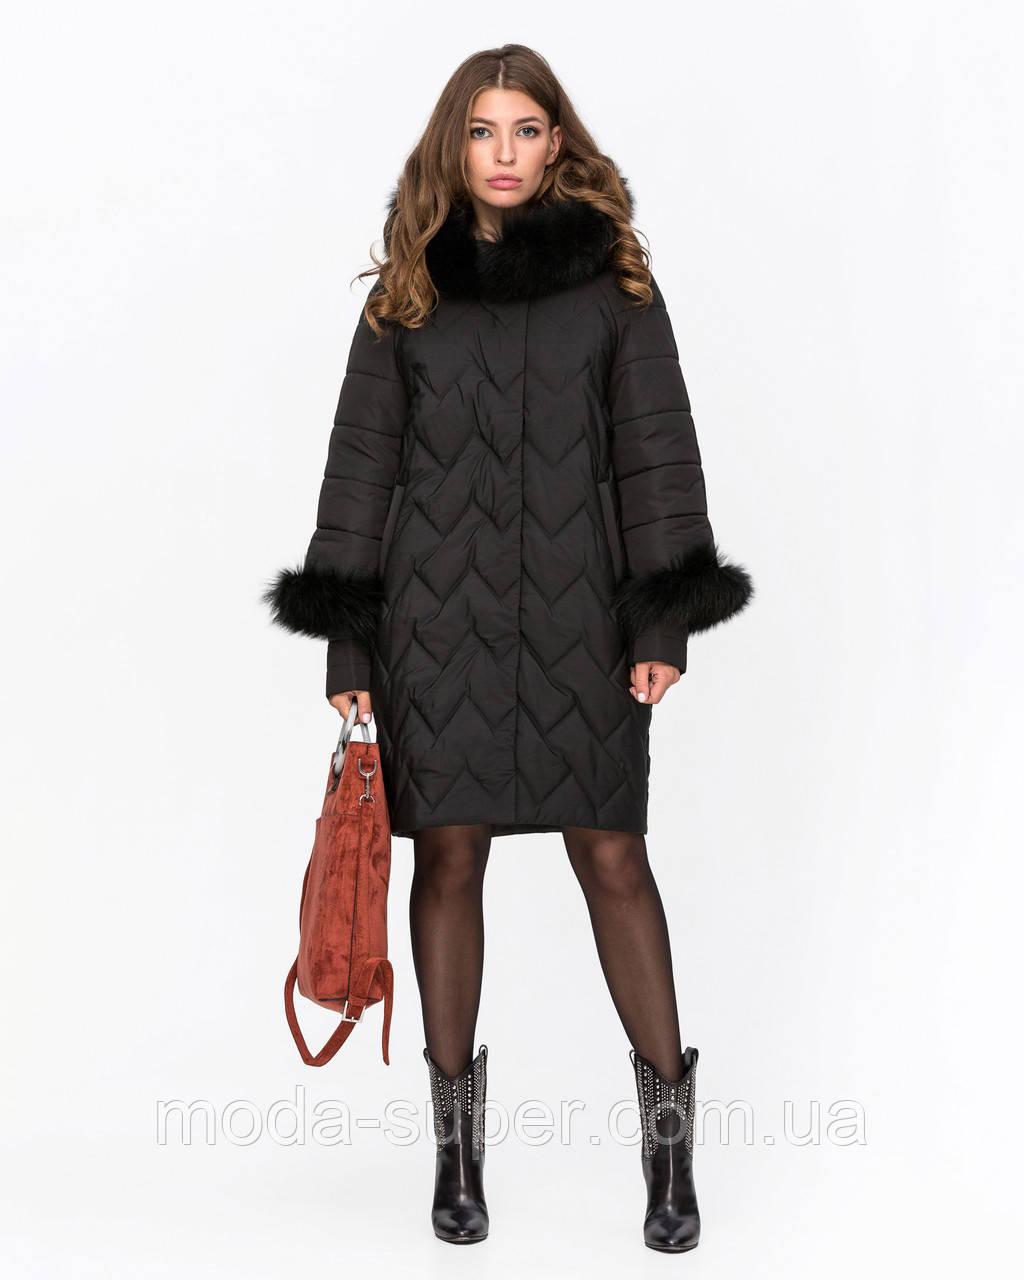 Женская зимняя куртка с мехом песца 44-52рр